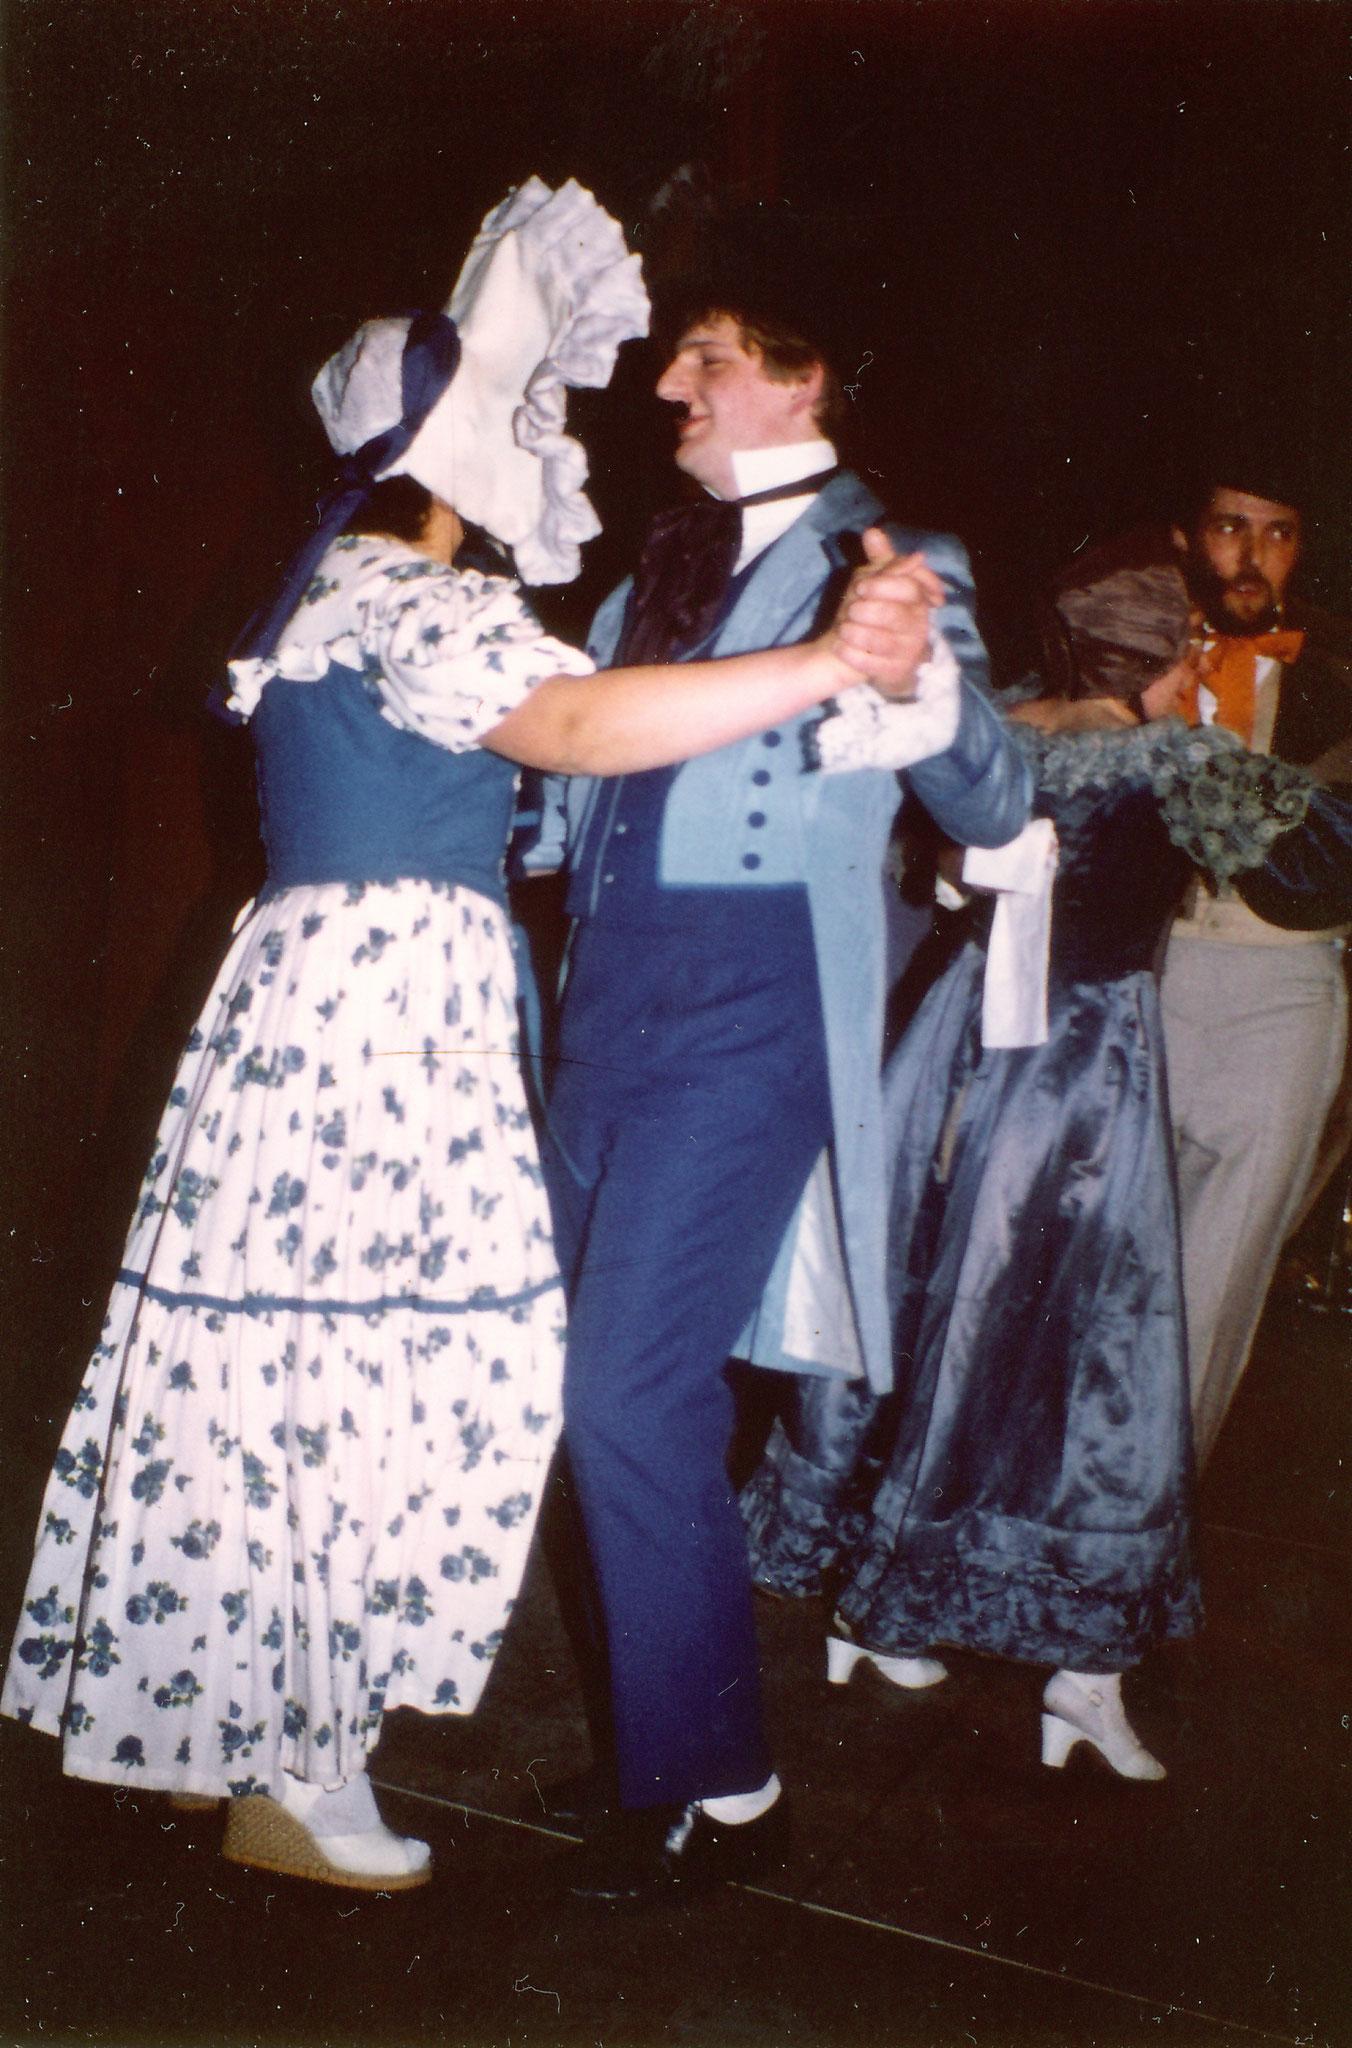 Bilder aus den 1980 Jahren